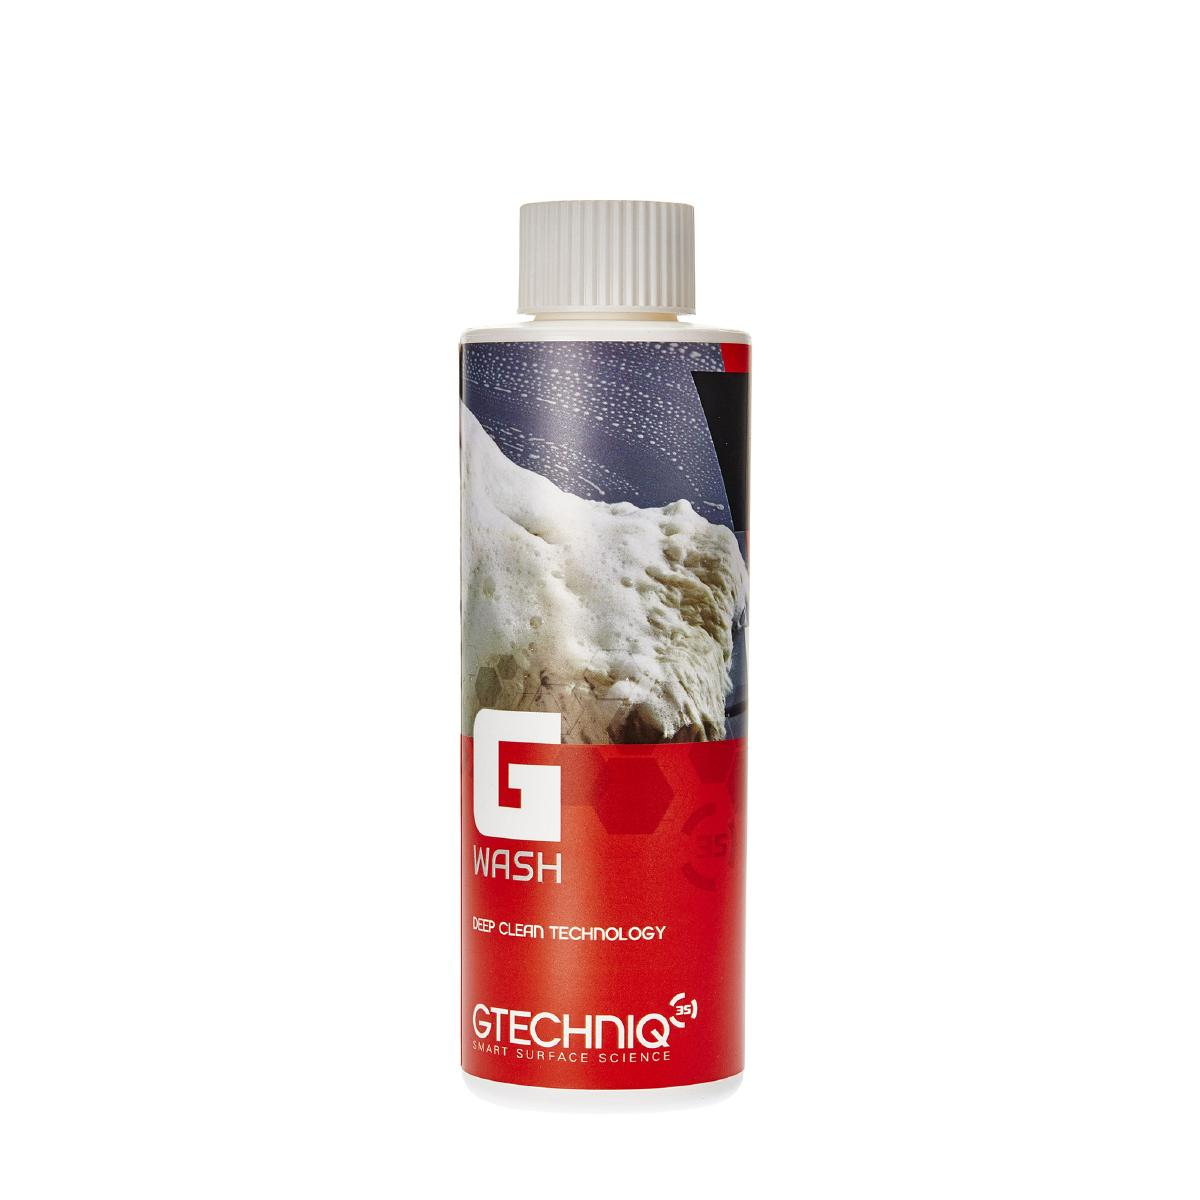 Bilschampo Gtechniq G-Wash, 500 ml